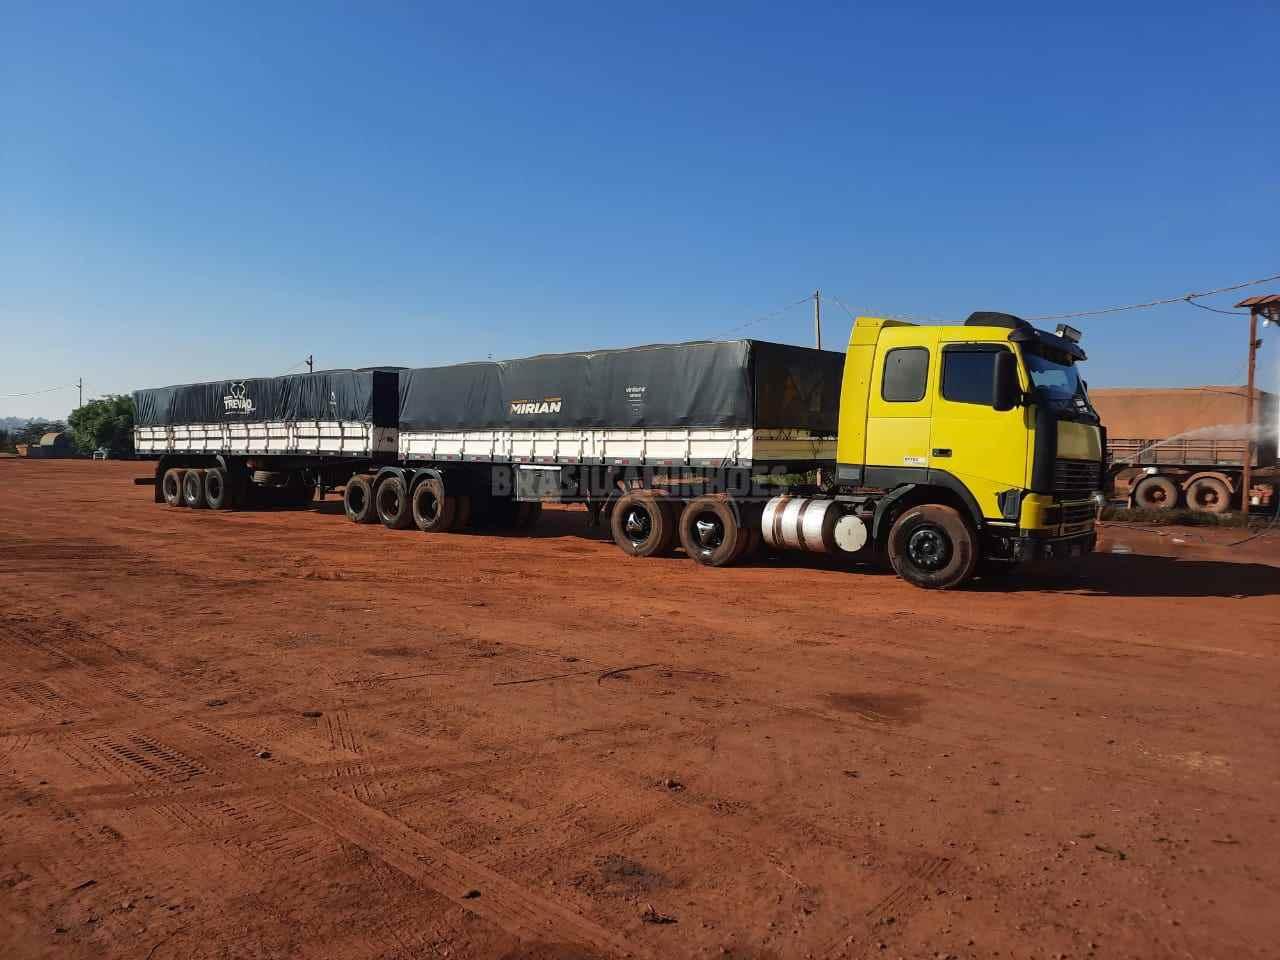 CAMINHAO VOLVO VOLVO FH12 380 Carga Seca Traçado 6x4 Brasil Caminhões Sinop SINOP MATO GROSSO MT